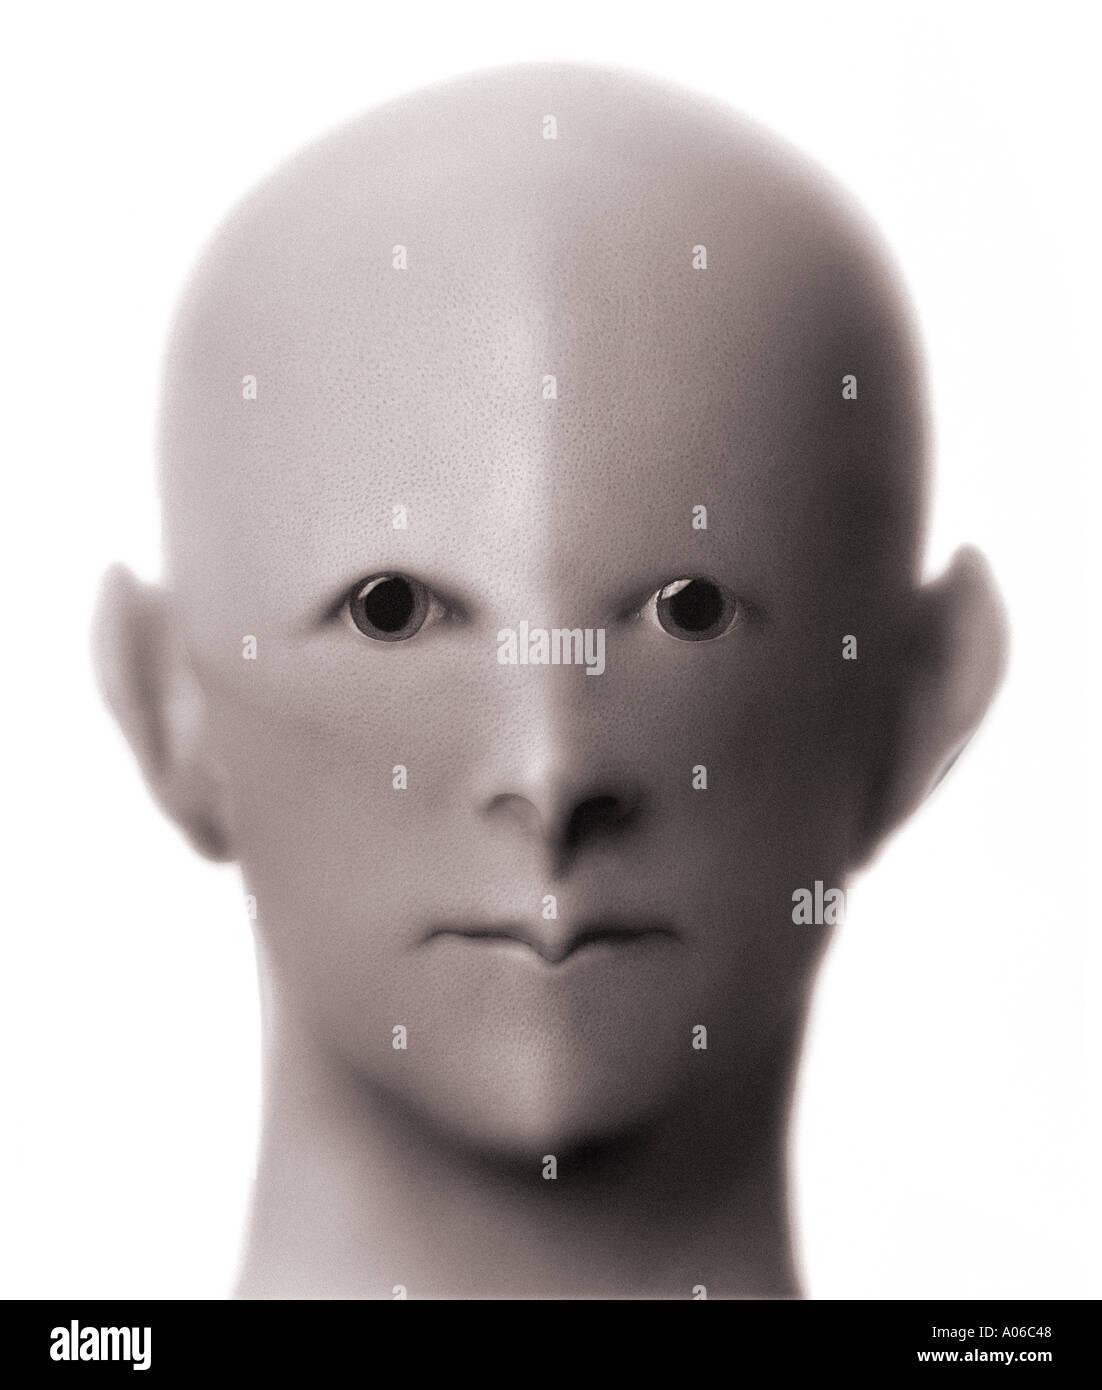 Alien Being - Stock Image